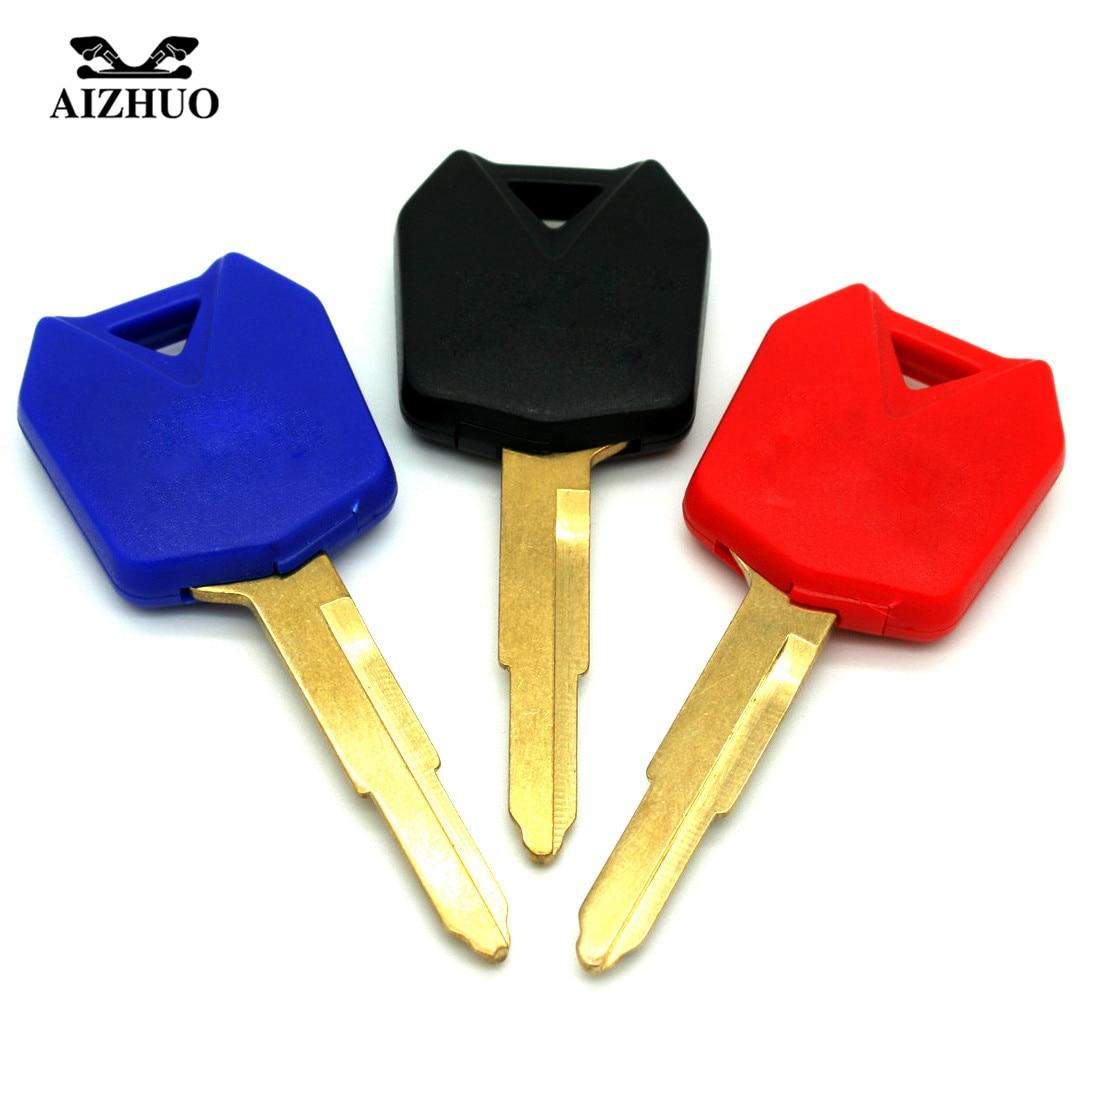 isbridge Replacement Fit For Key Blank Uncut Kawasaki Ninja ZX-6 ZX-7 R ZX-7RR ZX-9R ZX-10R ZX-10RR H2 R